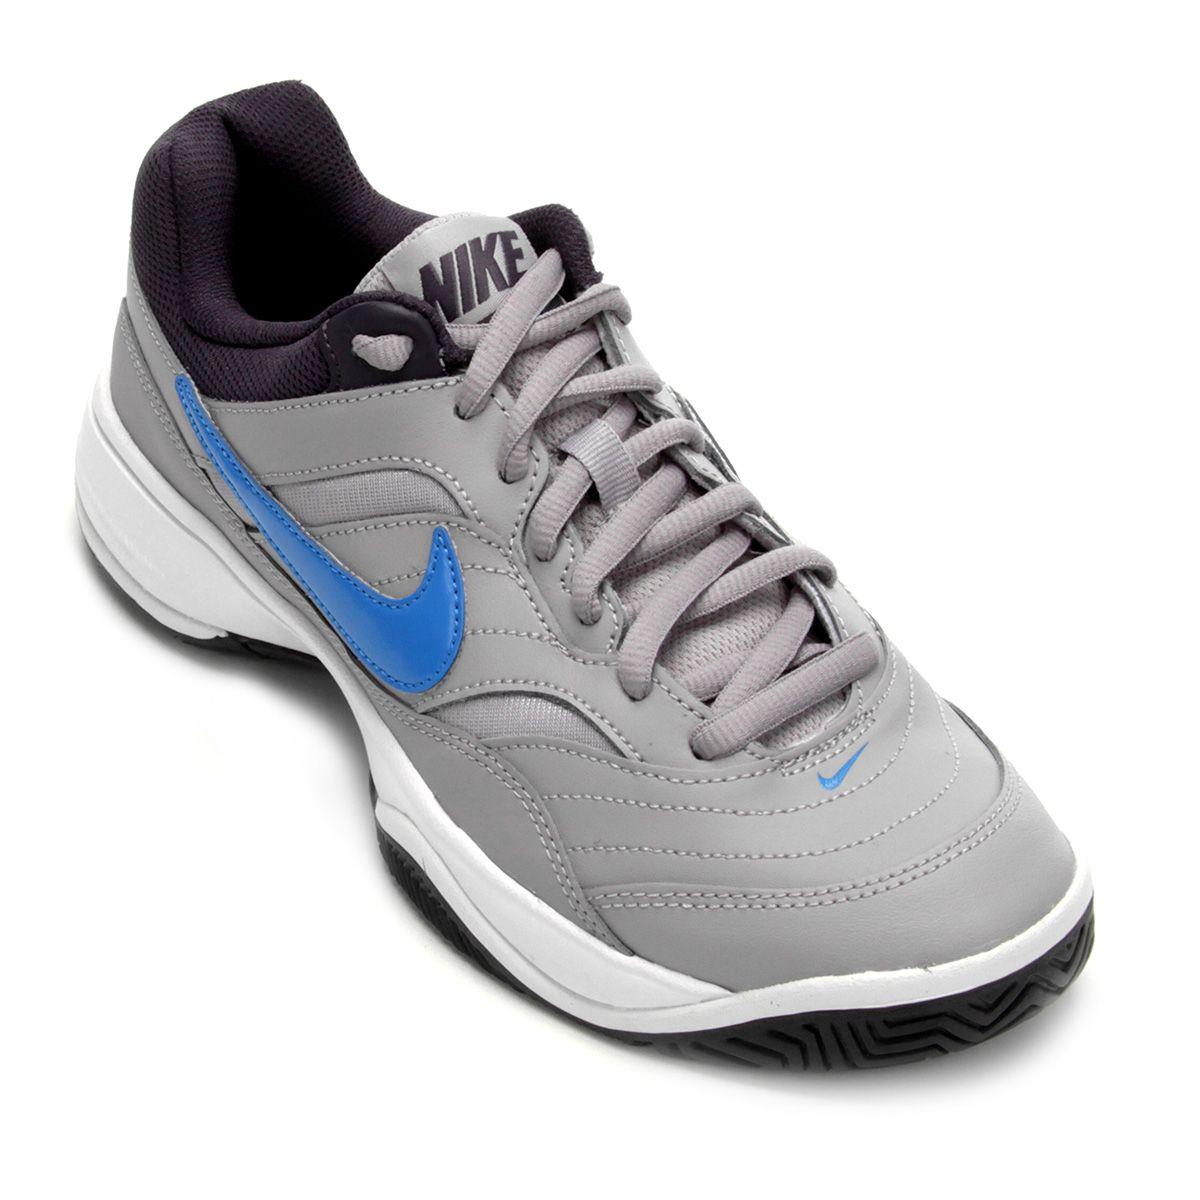 7a5406c0bd Tênis Masculino Nike Court Lite - BRACIA SHOP  Loja de Roupas ...